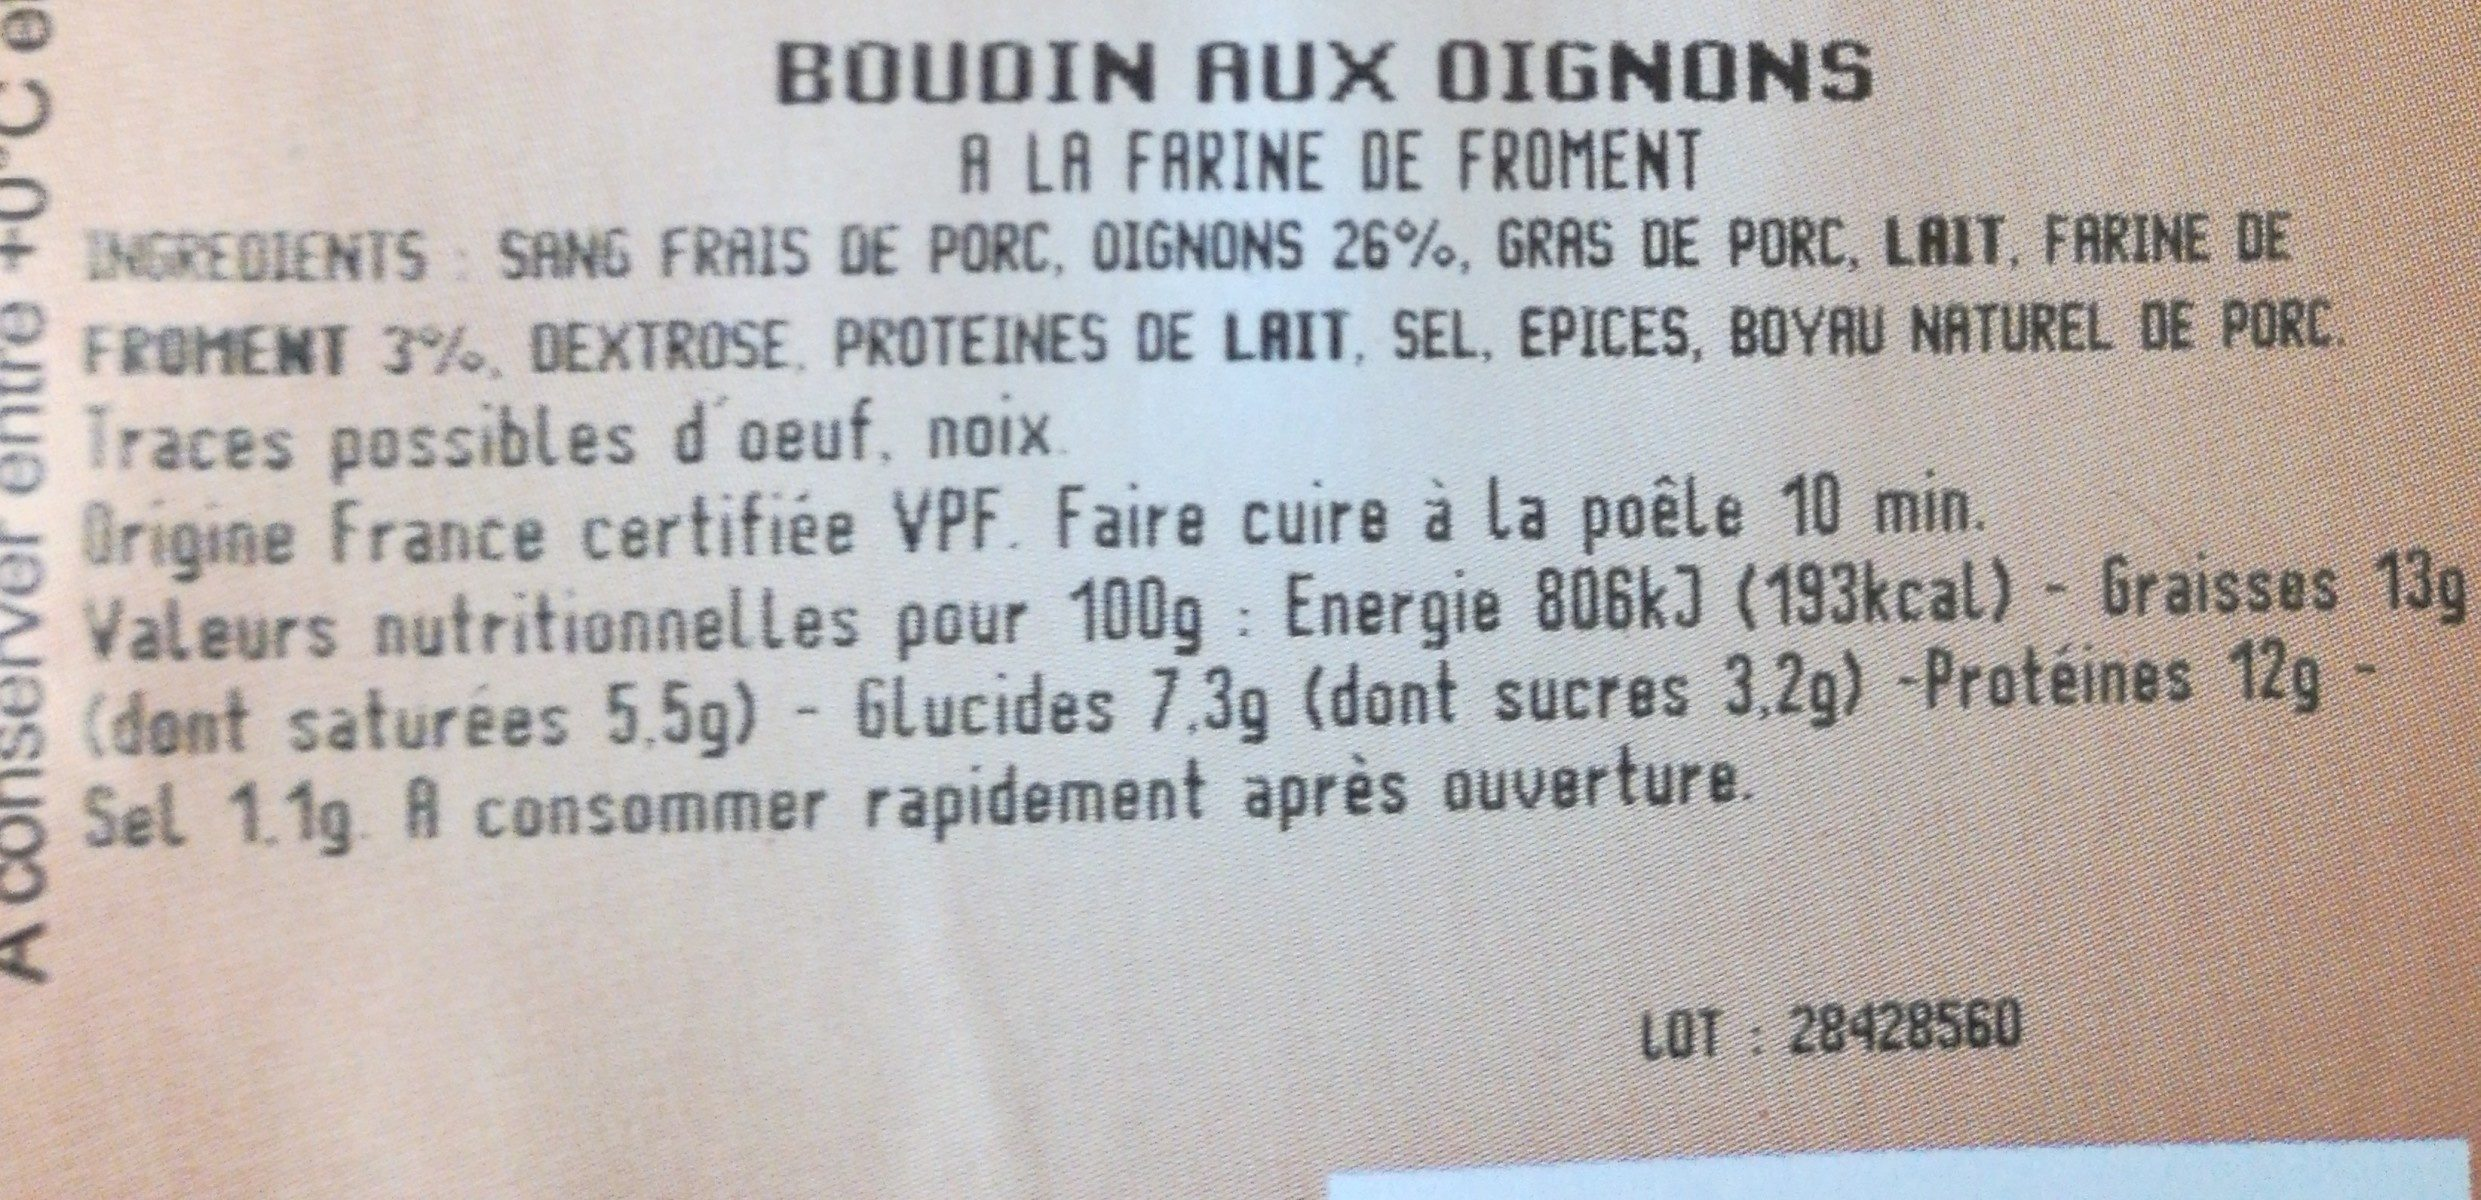 Boudin aux oignons - Ingrédients - fr